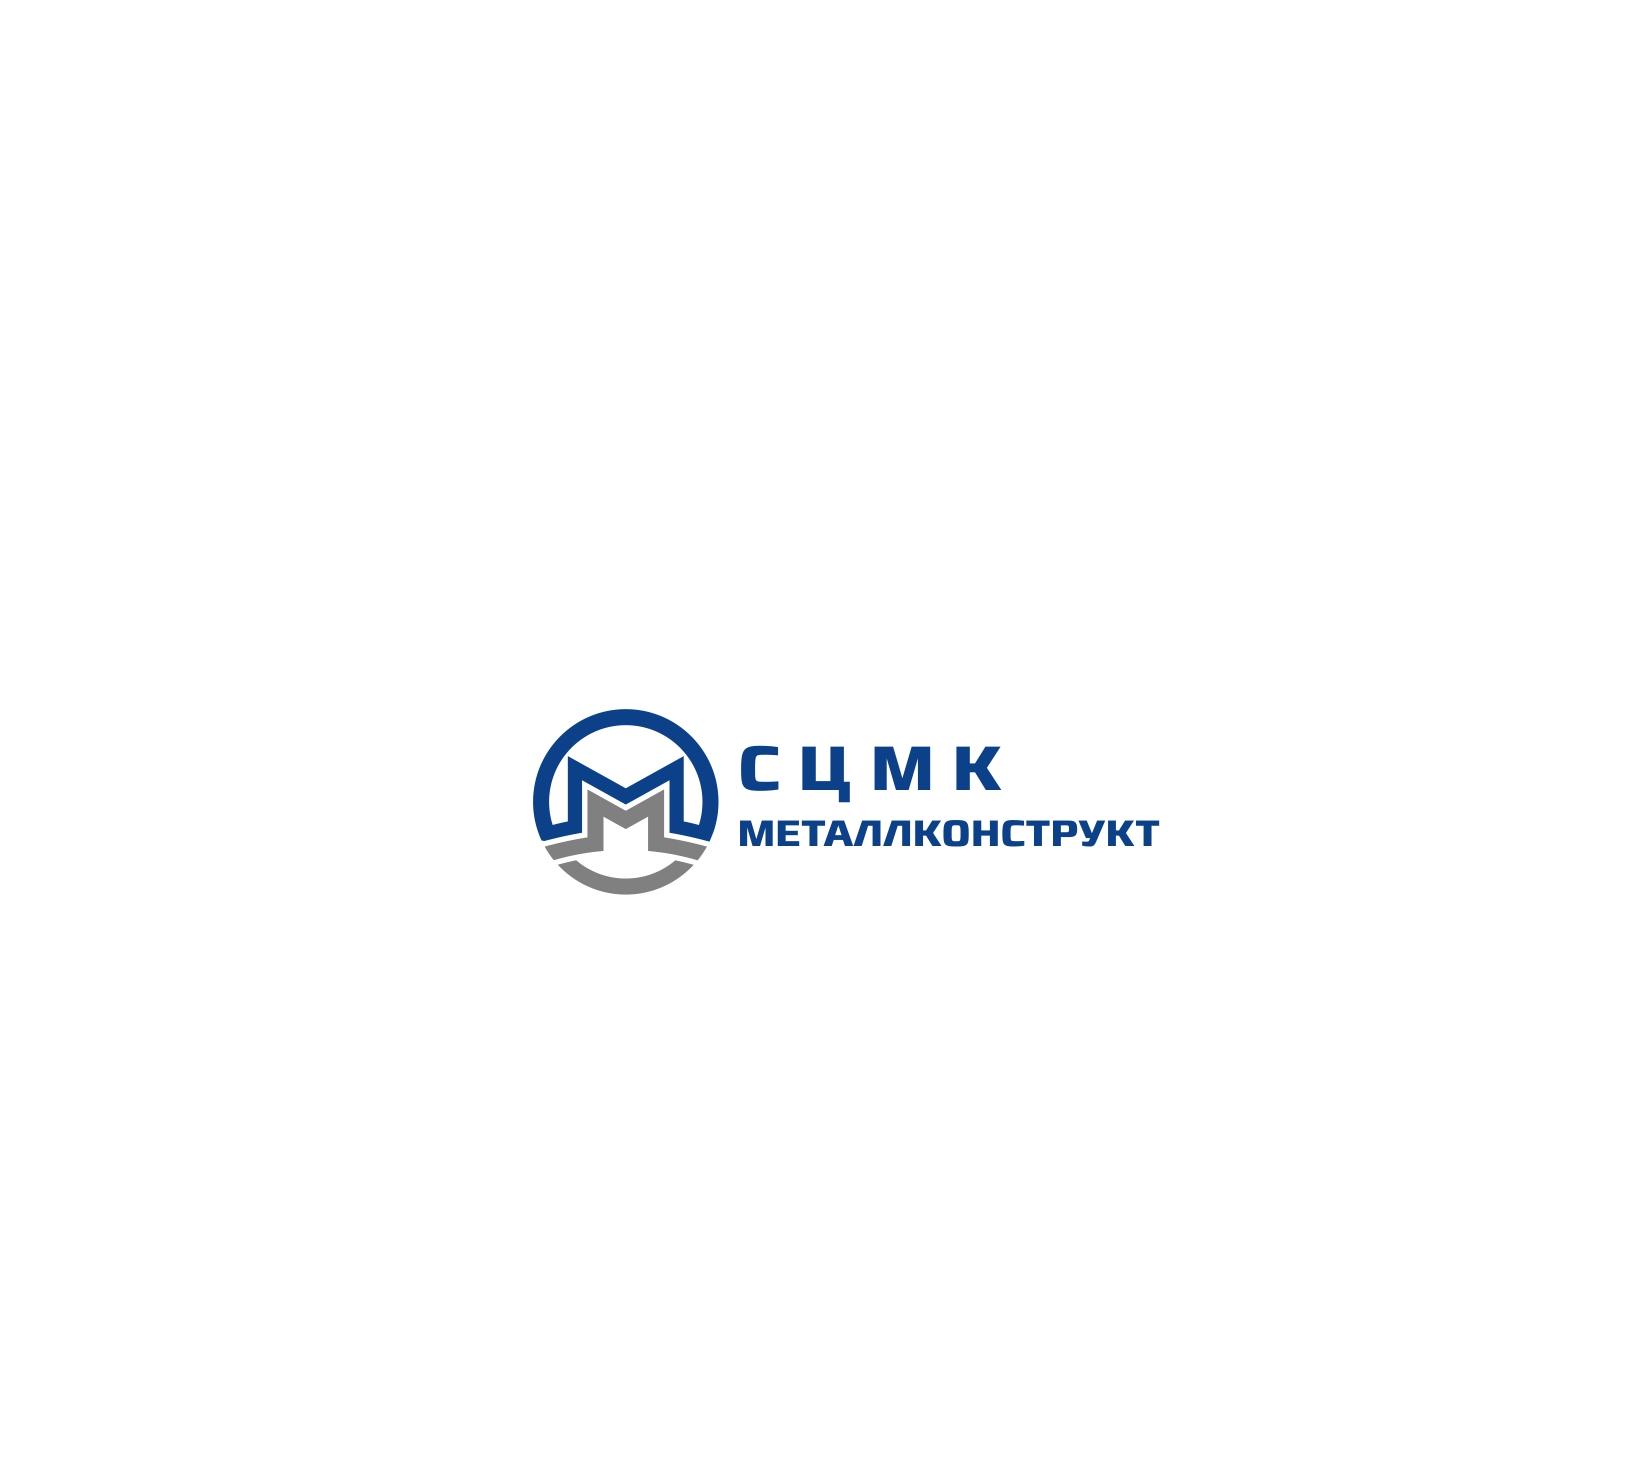 Разработка логотипа и фирменного стиля фото f_5885ad483ffa1b0a.jpg